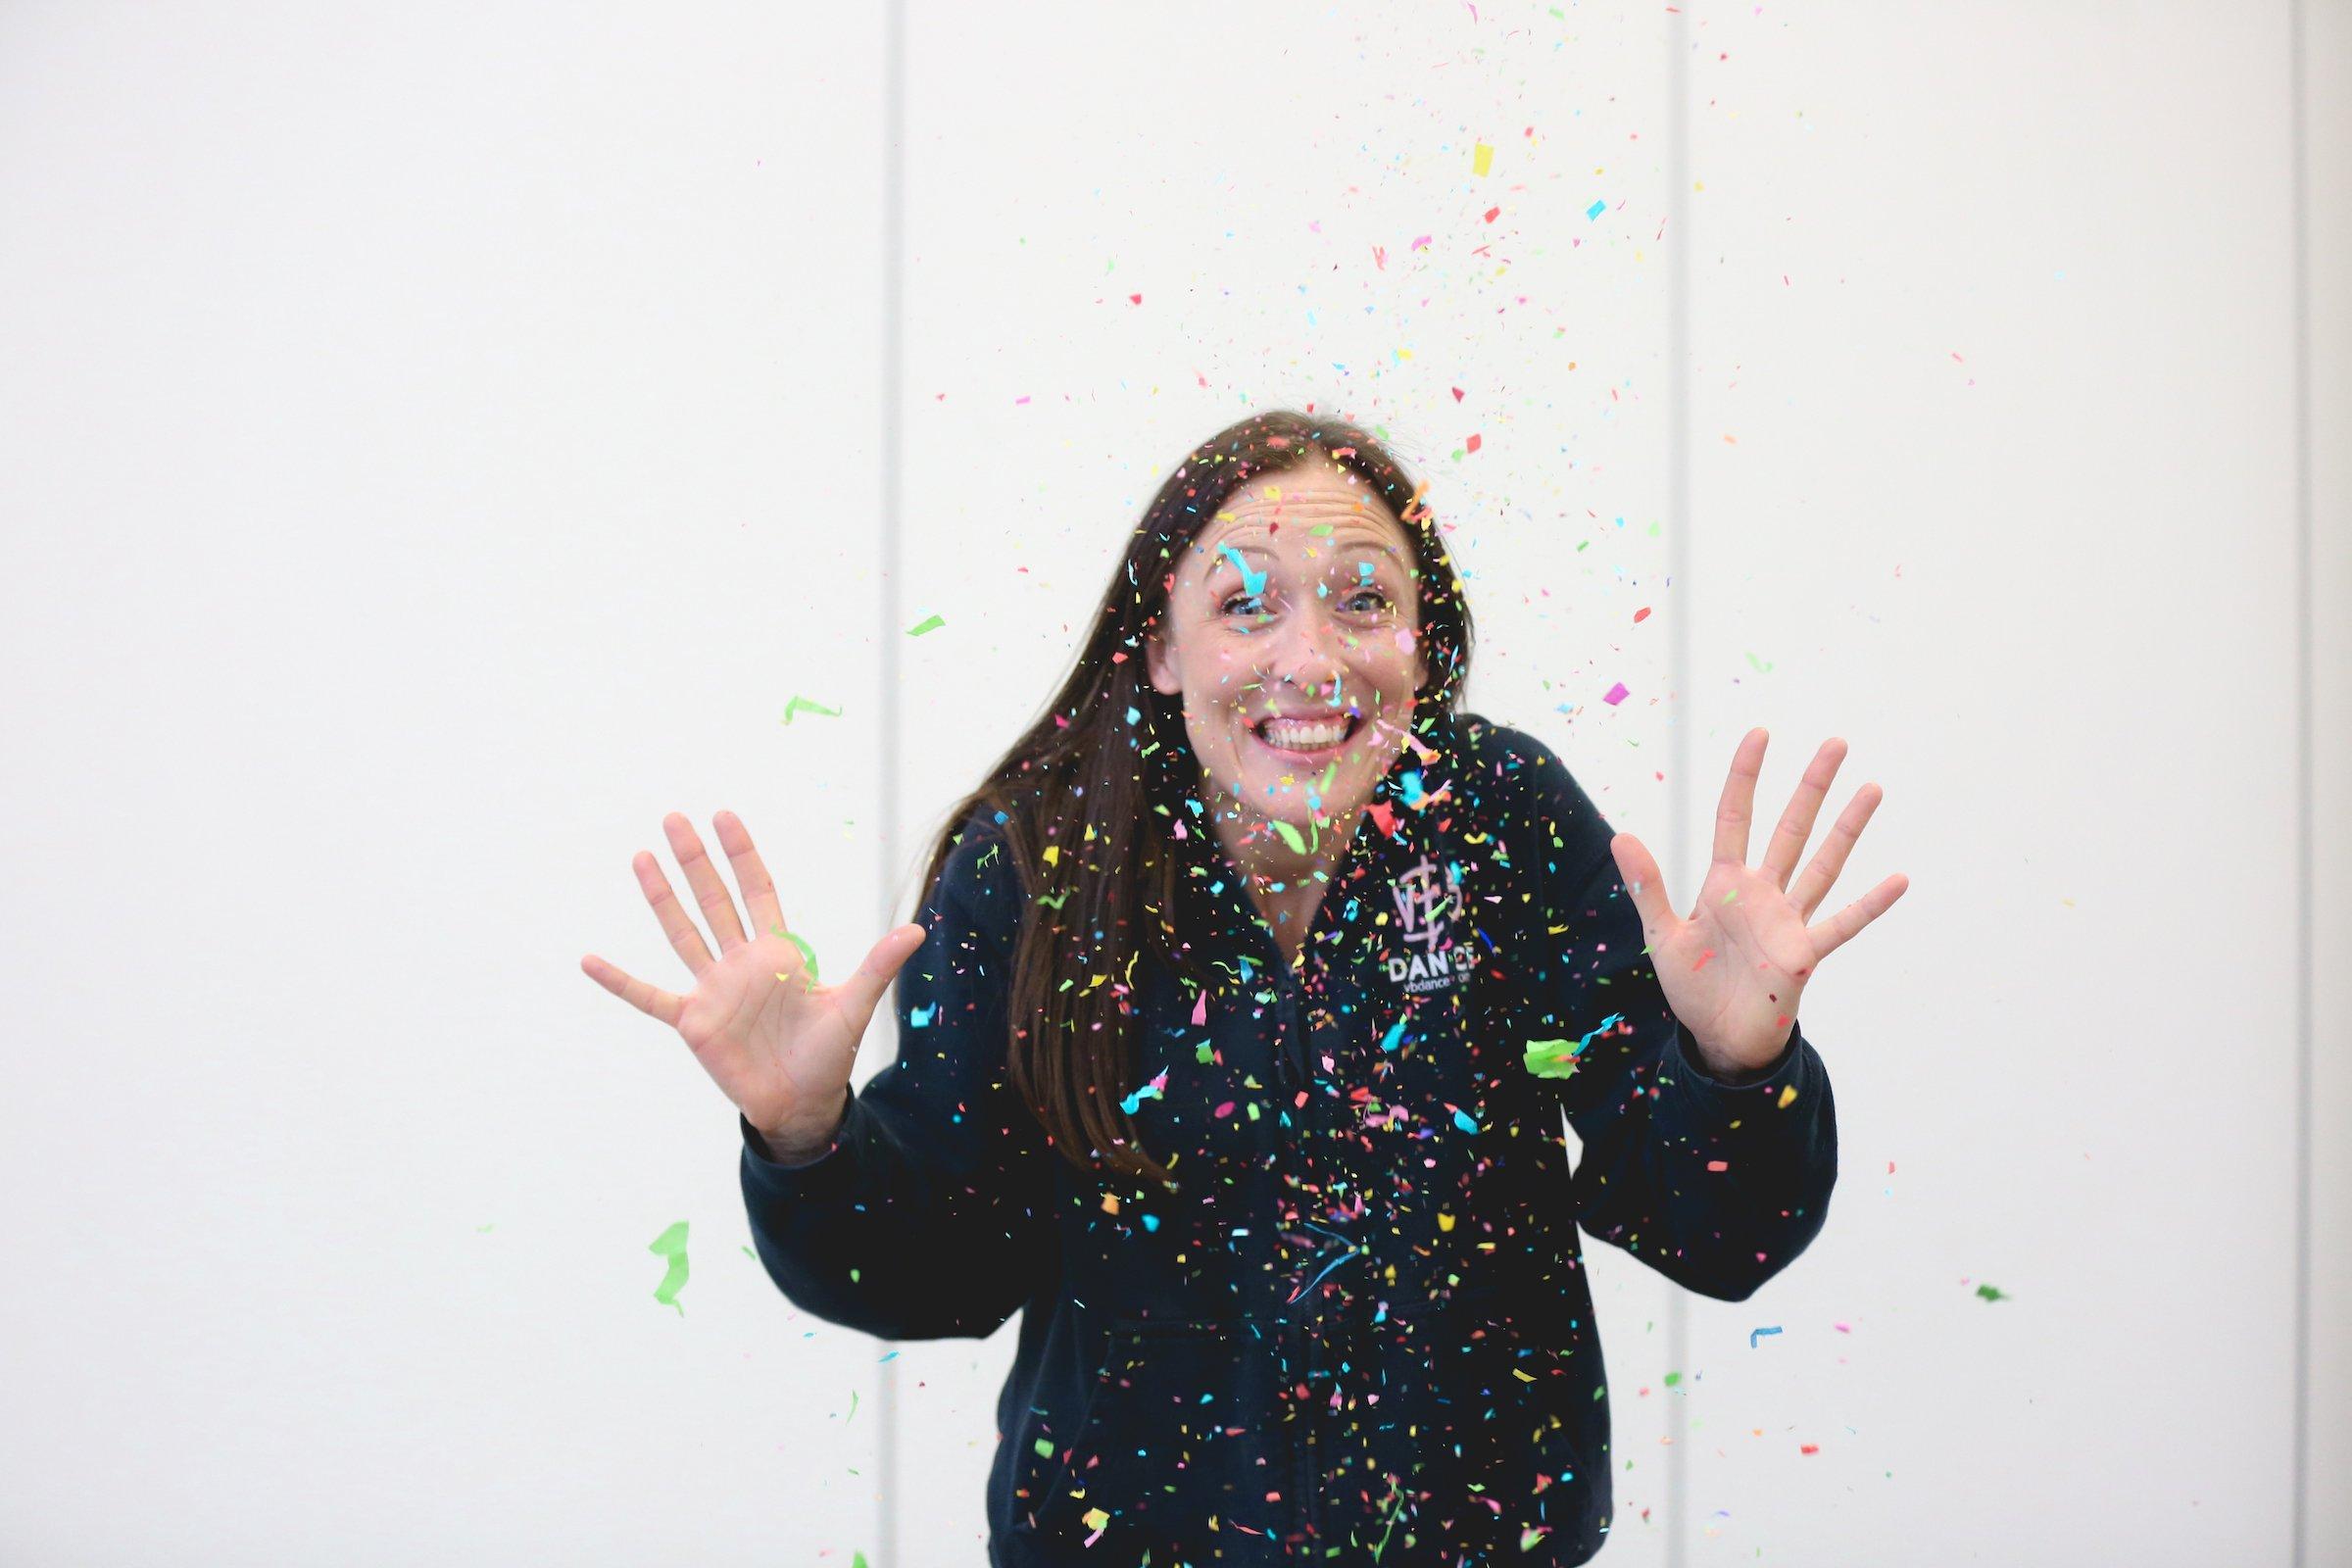 Victoria throwing confetti